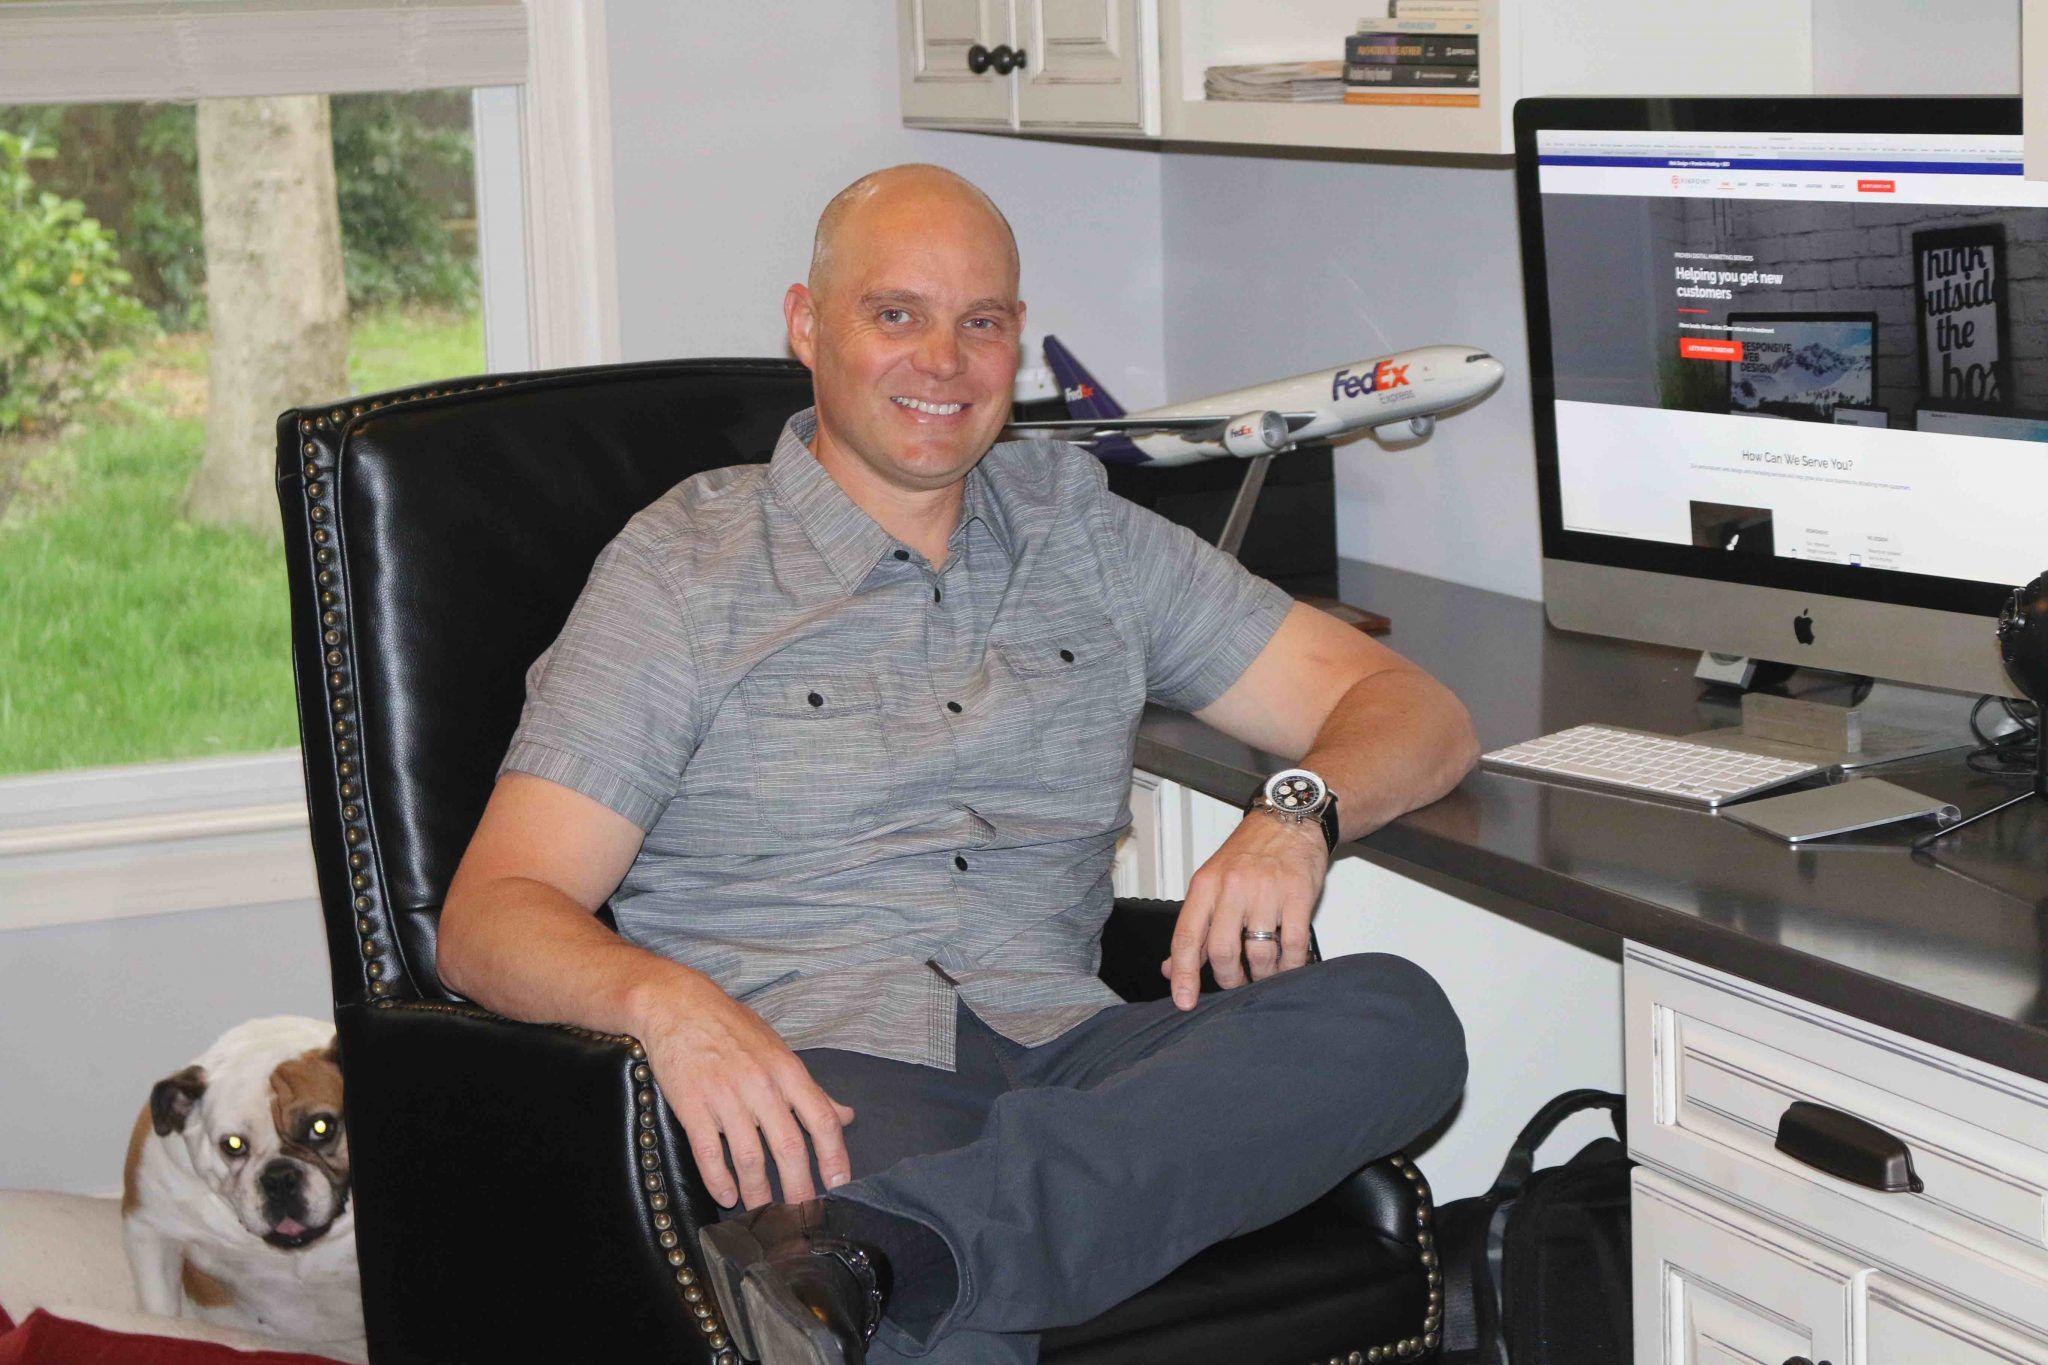 Digital Marketer Chris Loomis